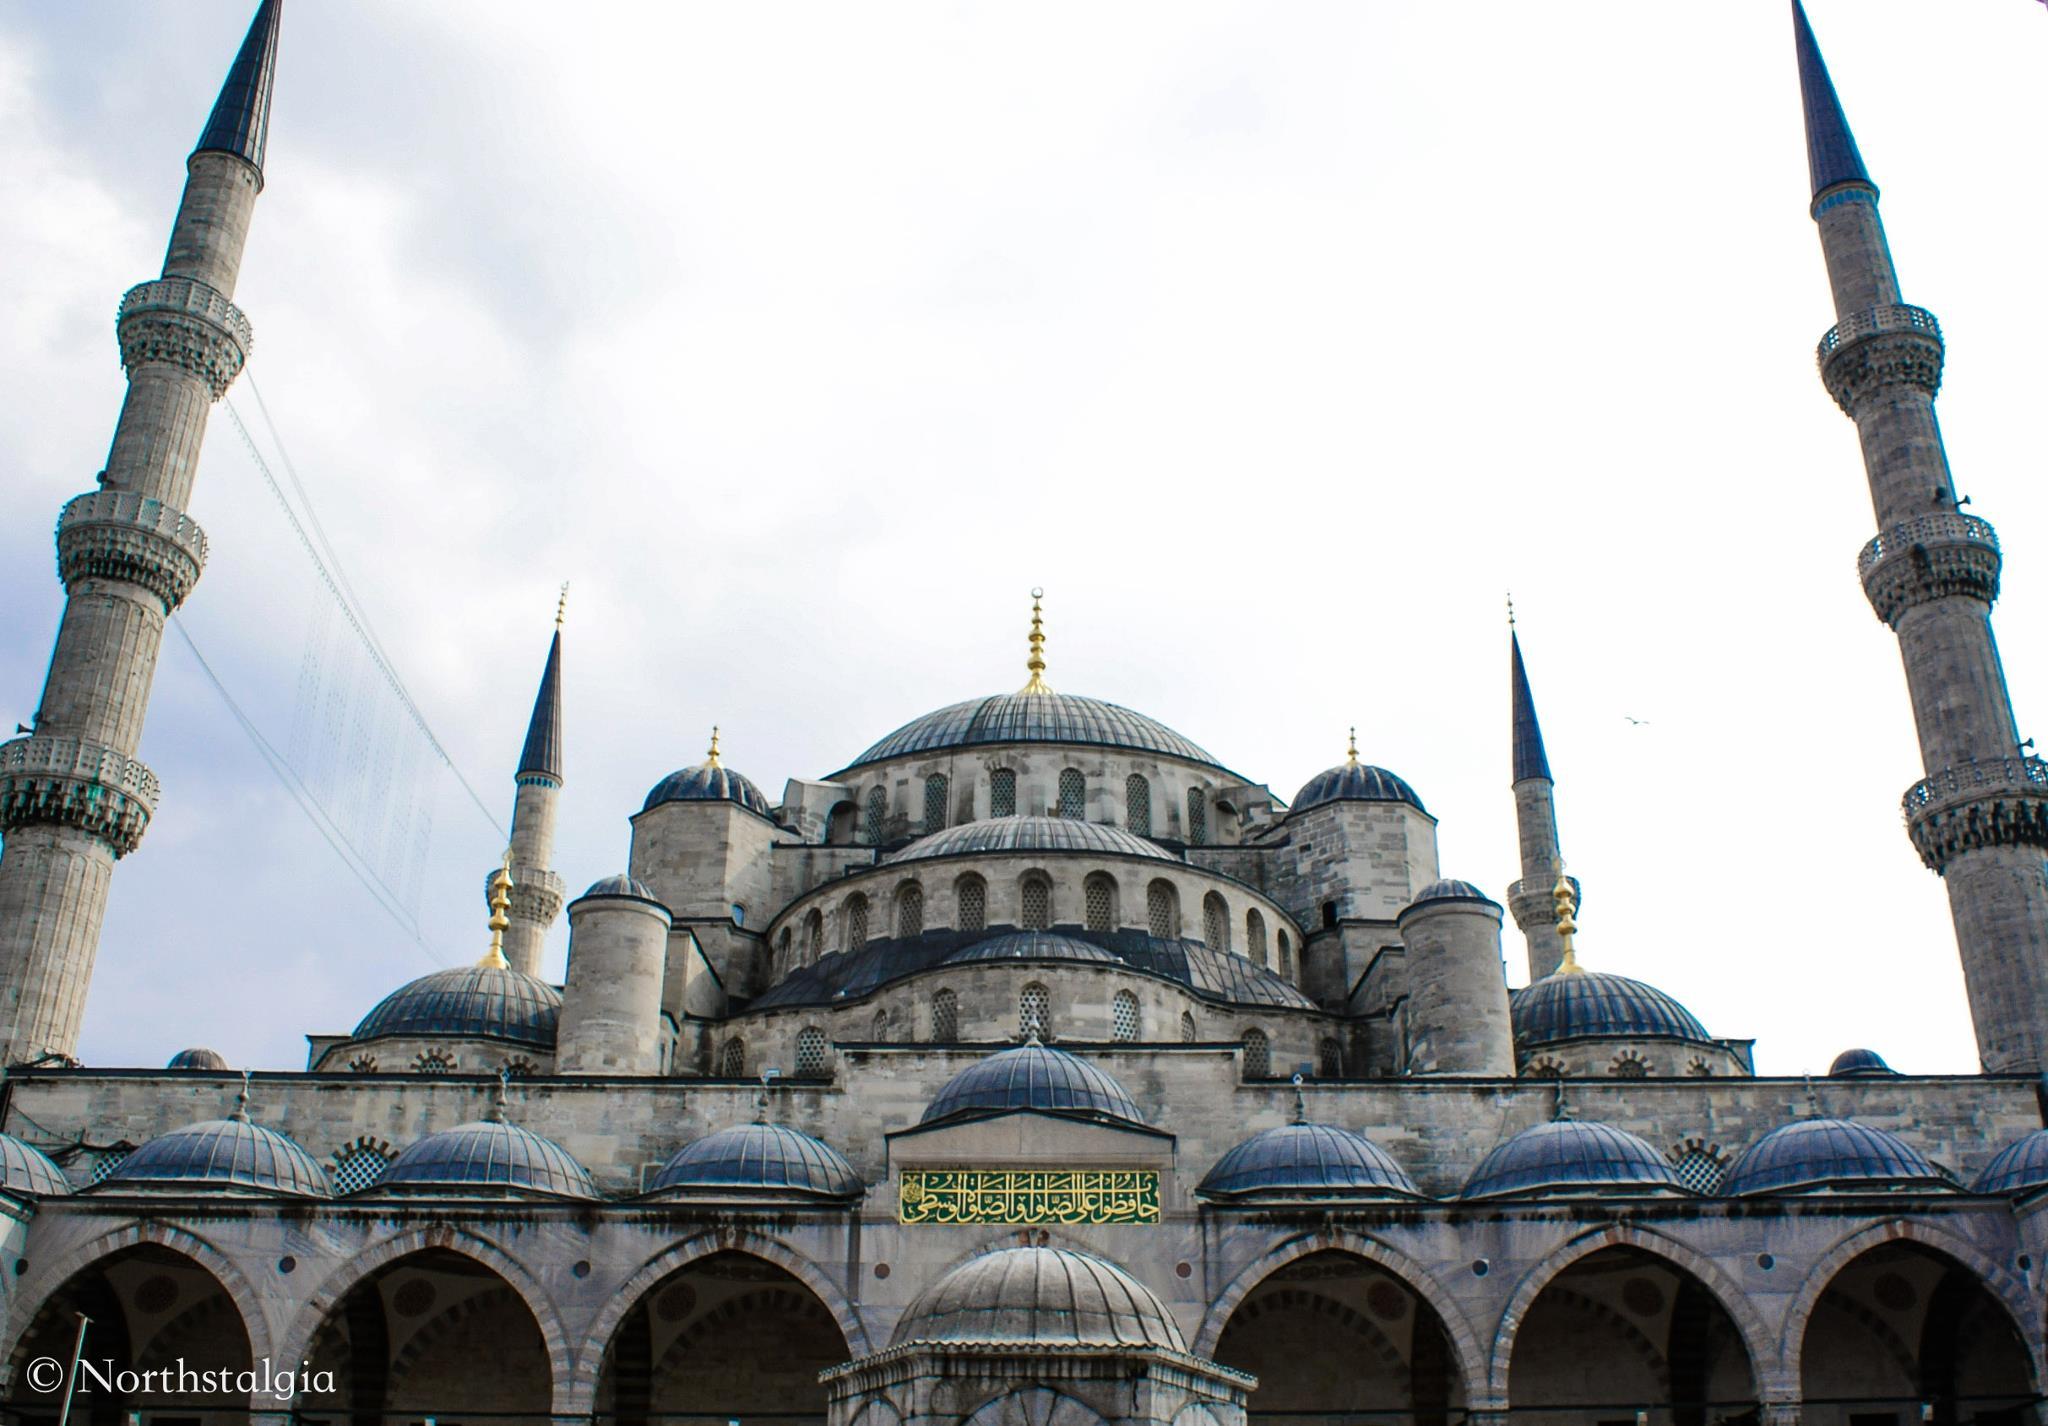 ежика стамбул с голубой мечетью картинки ариэль очень